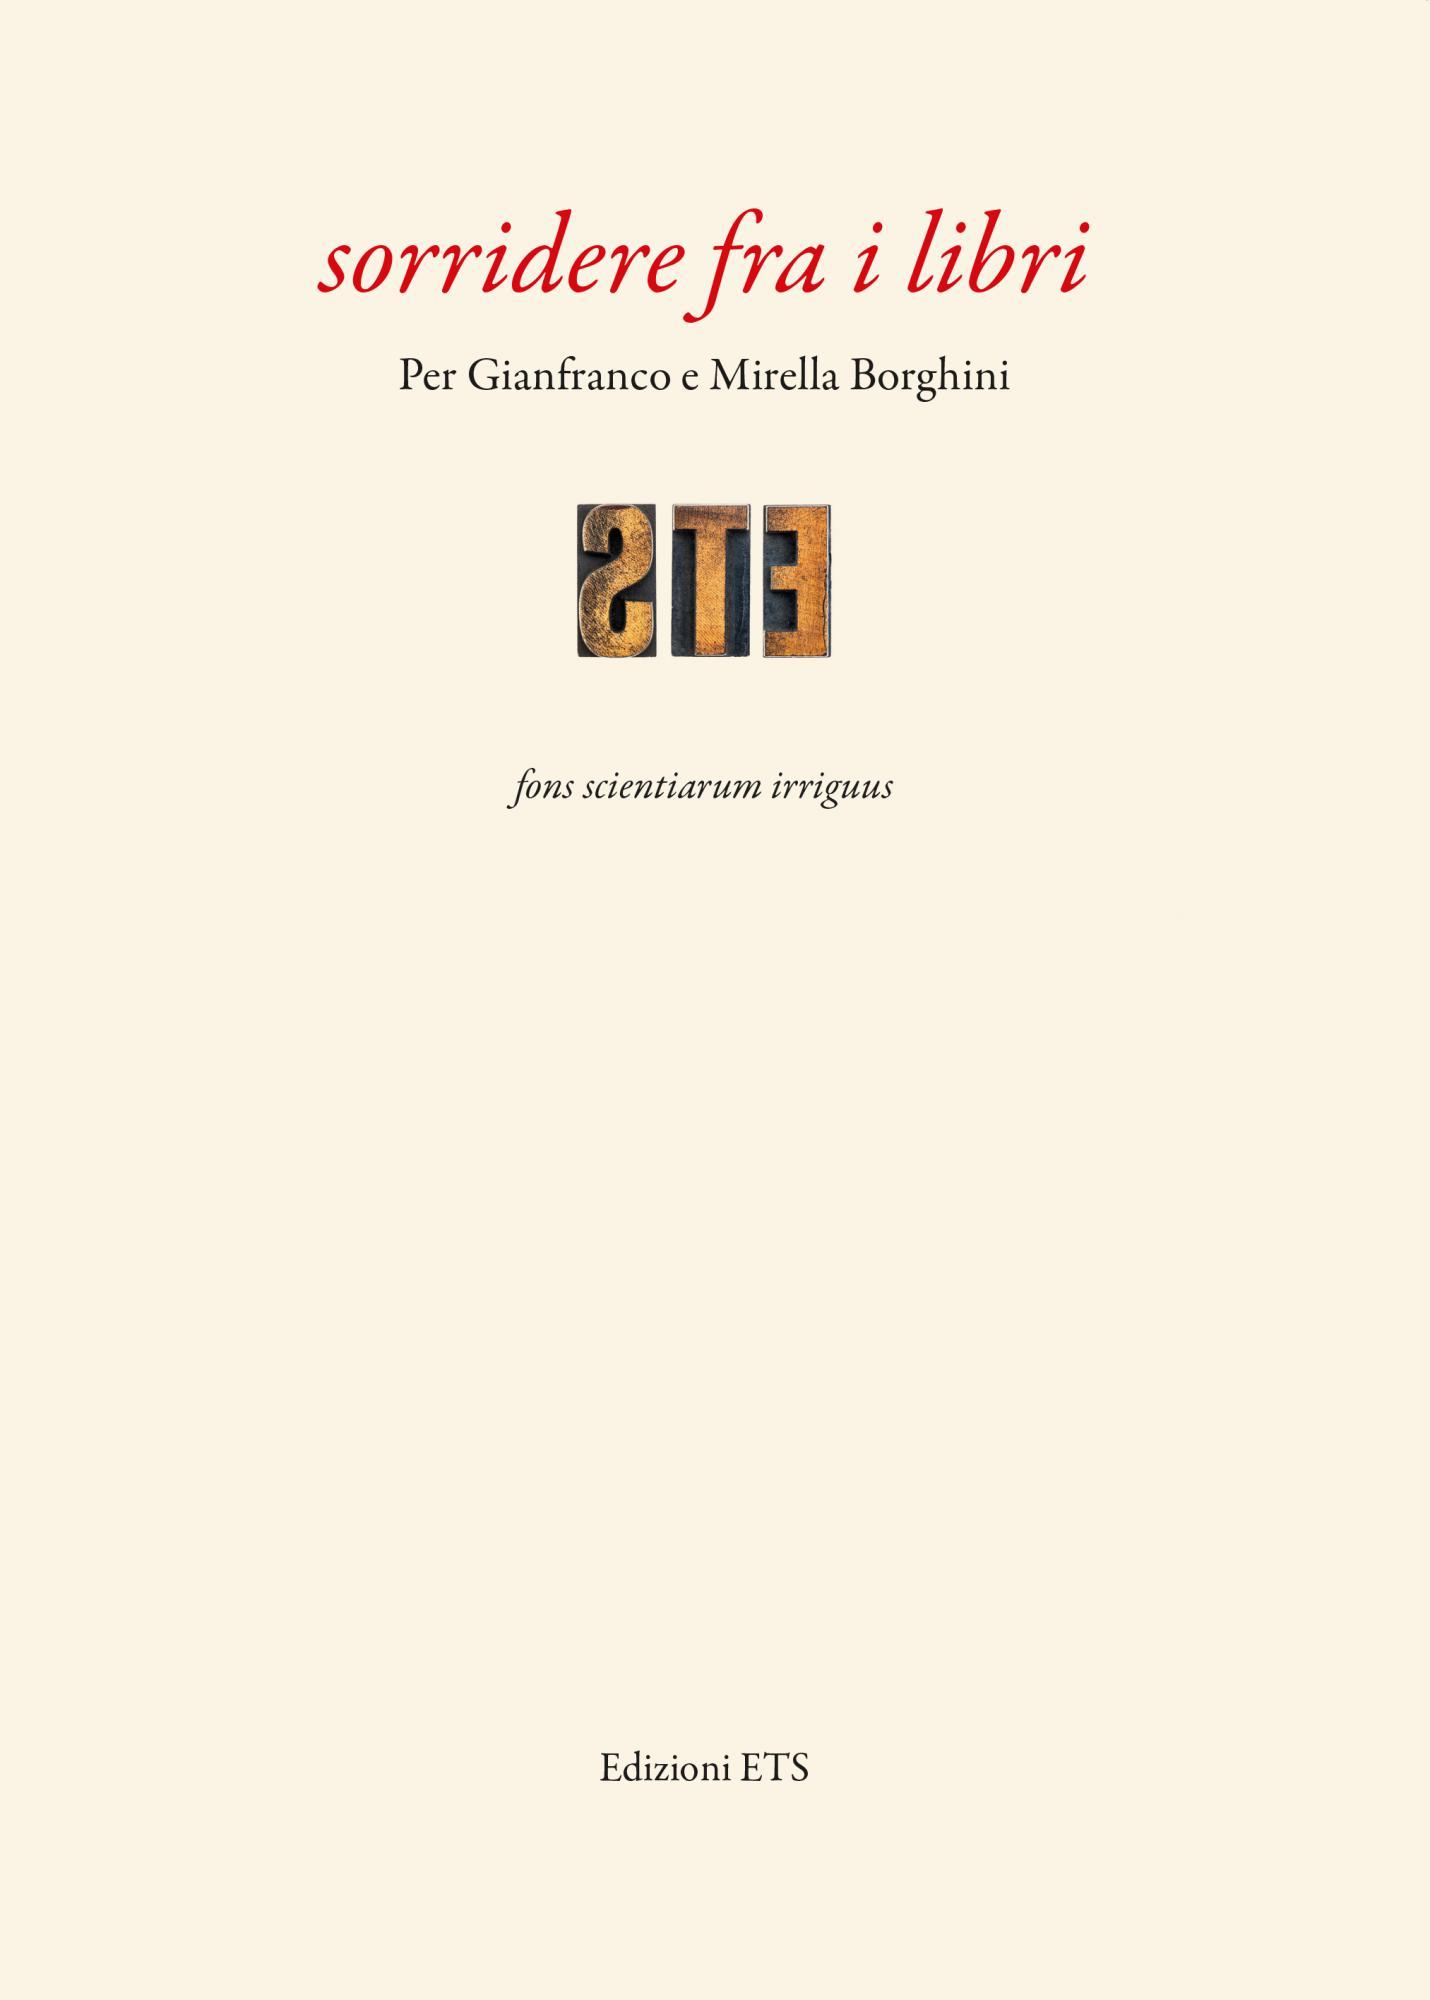 sorridere fra i libri.Per Gianfranco e Mirella Borghini